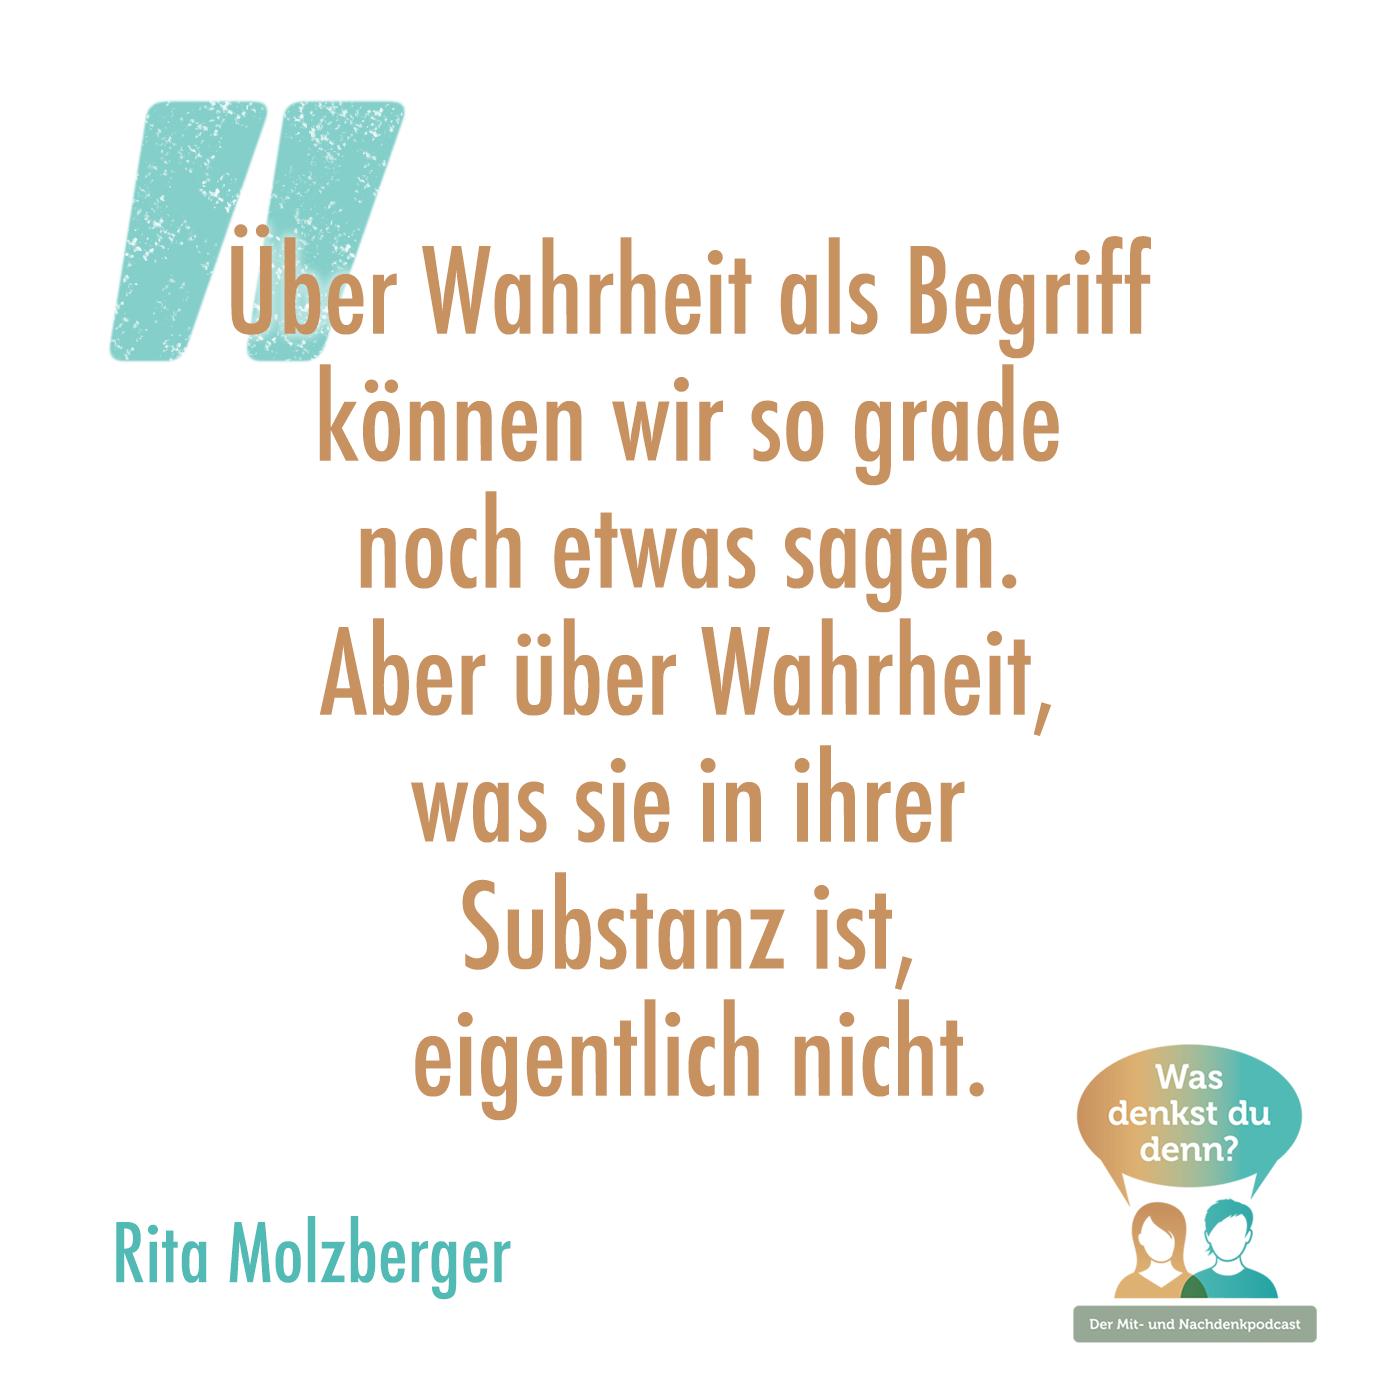 """Zitat von Rita Molzberger: """"Über Wahrheit als Begriff können wir so grade noch etwas sagen. Aber über Wahrheit, was sie in ihrer Substanz ist, eigentlich nicht."""""""